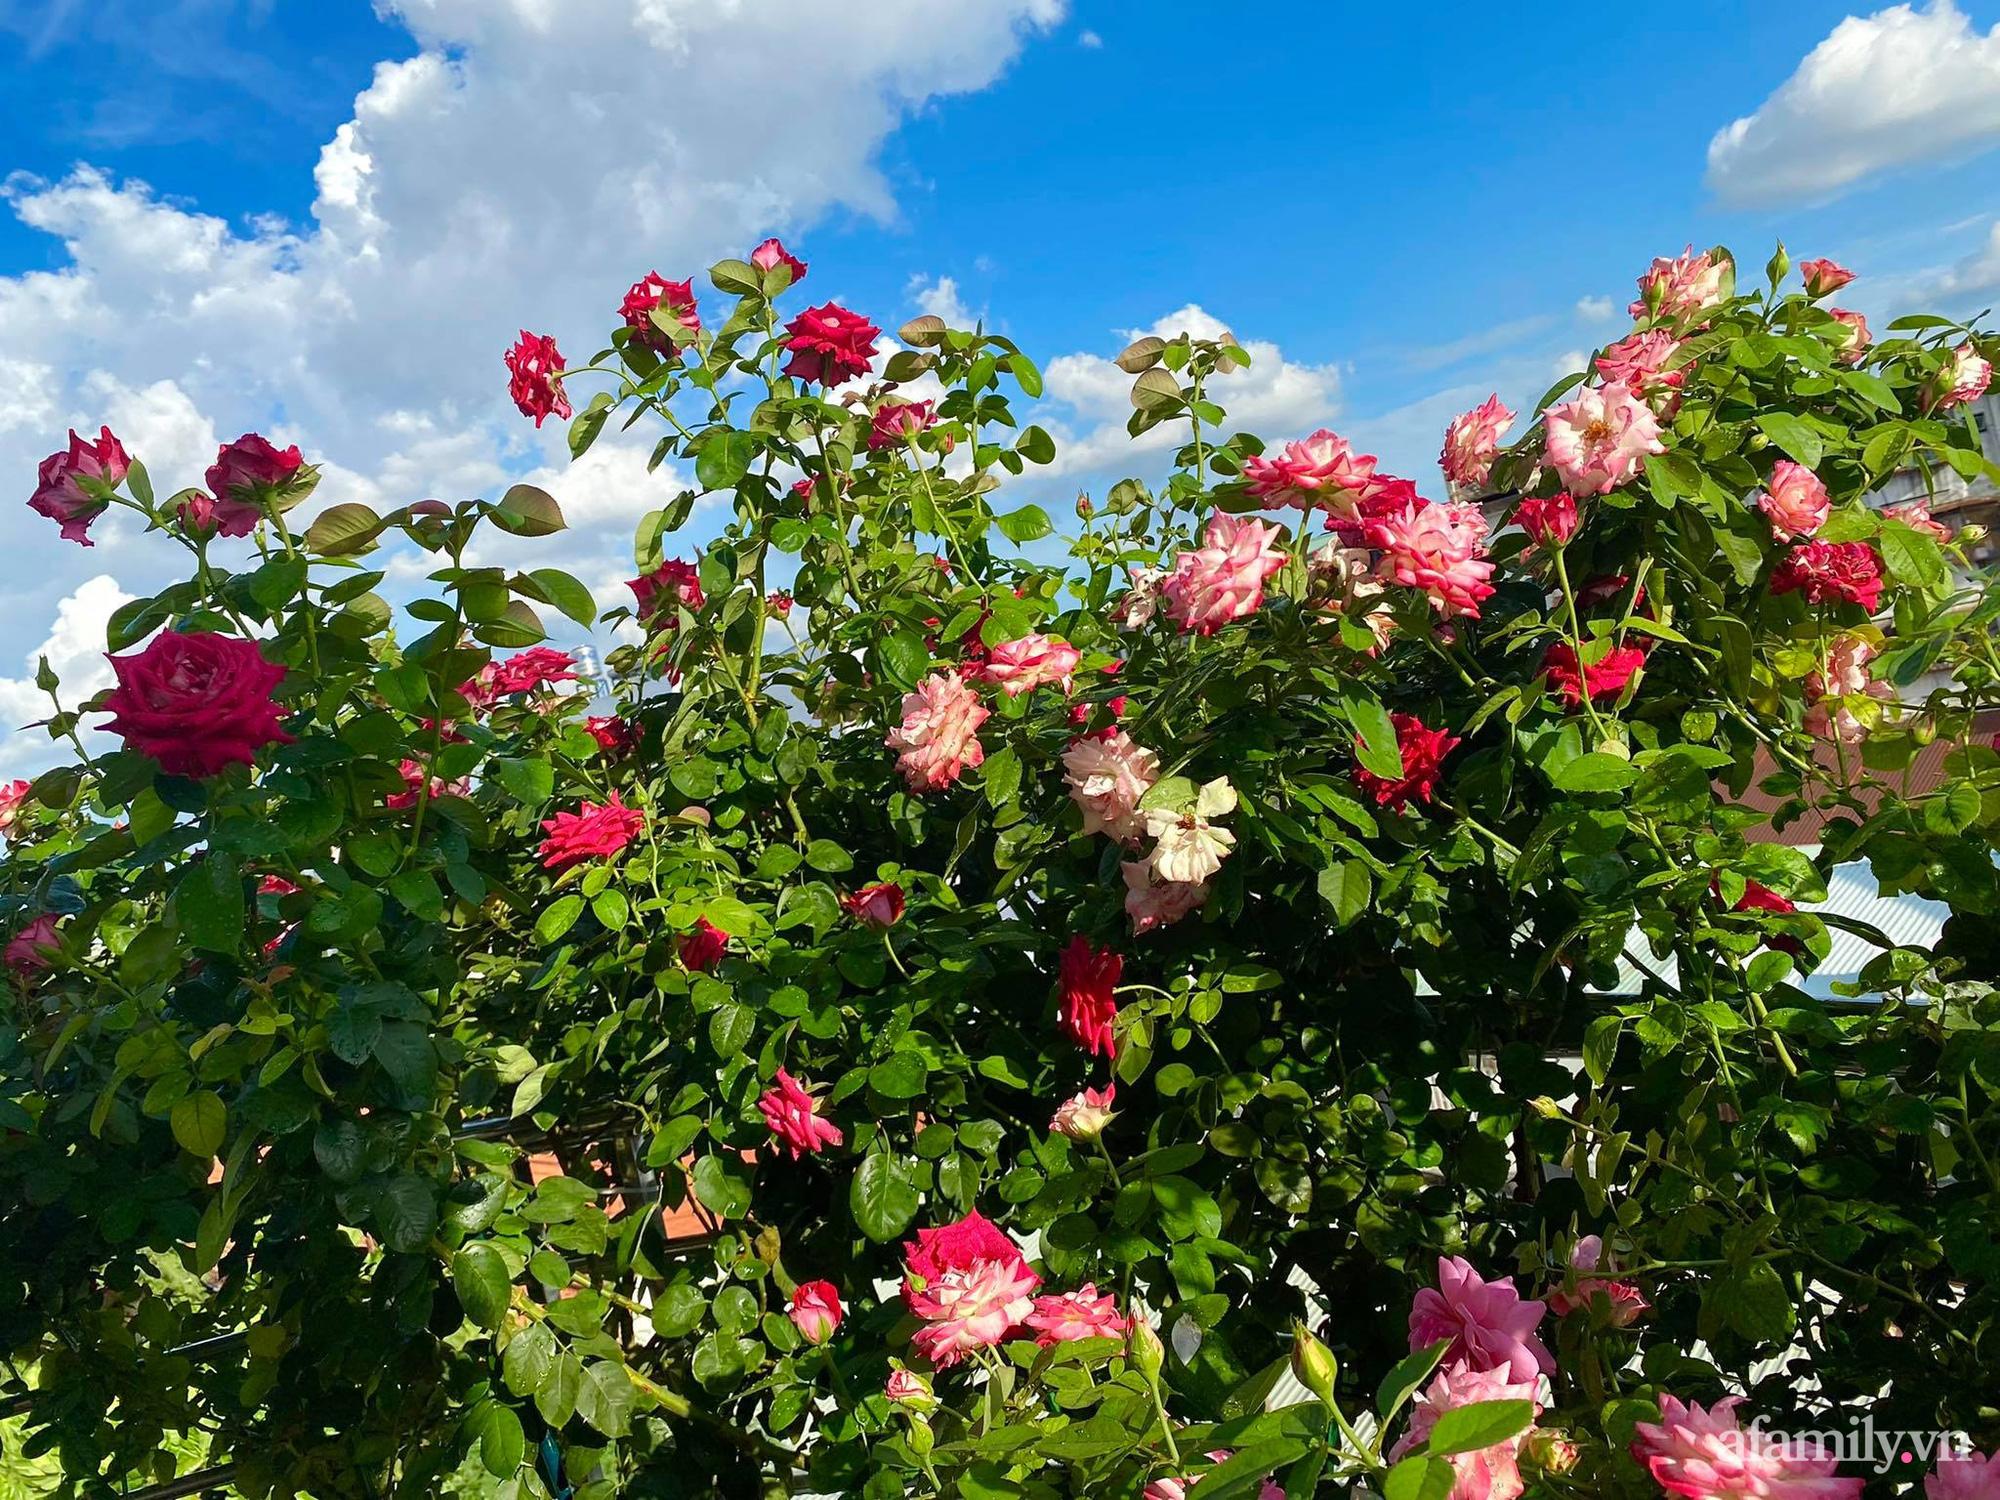 Sân thượng phủ kín hoa hồng và rau quả sạch ở Sài Gòn của Hoa hậu Janny Thủy Trần - ảnh 2